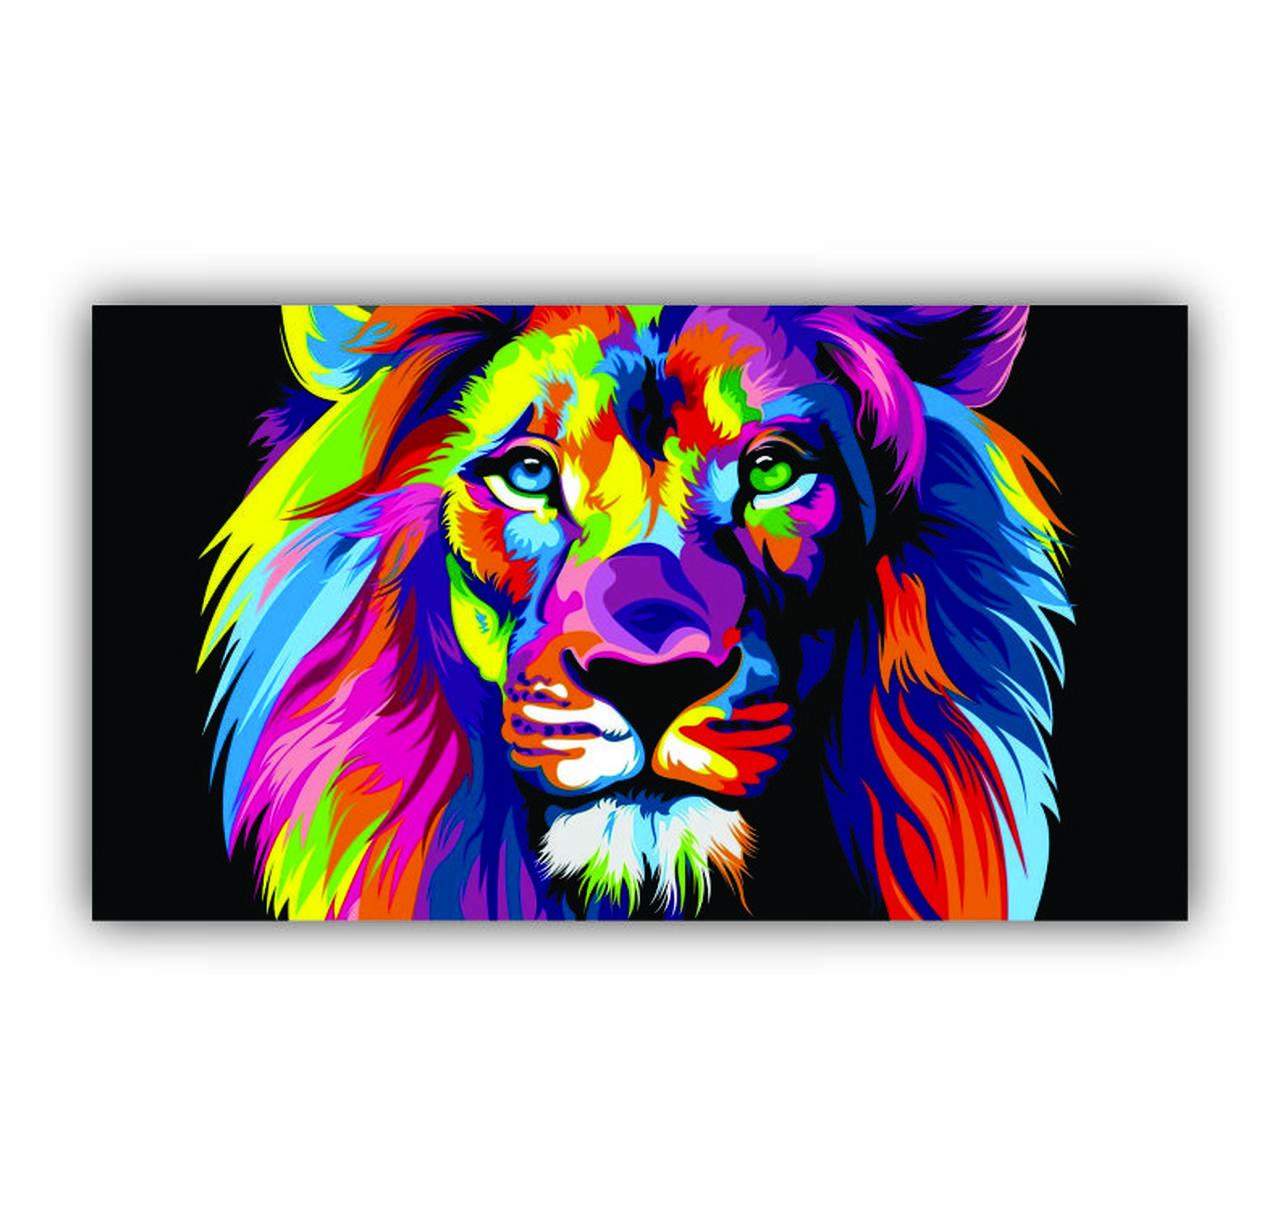 Quadro Leão Da Tribo de Judá Colorido Moderno - Tela Única